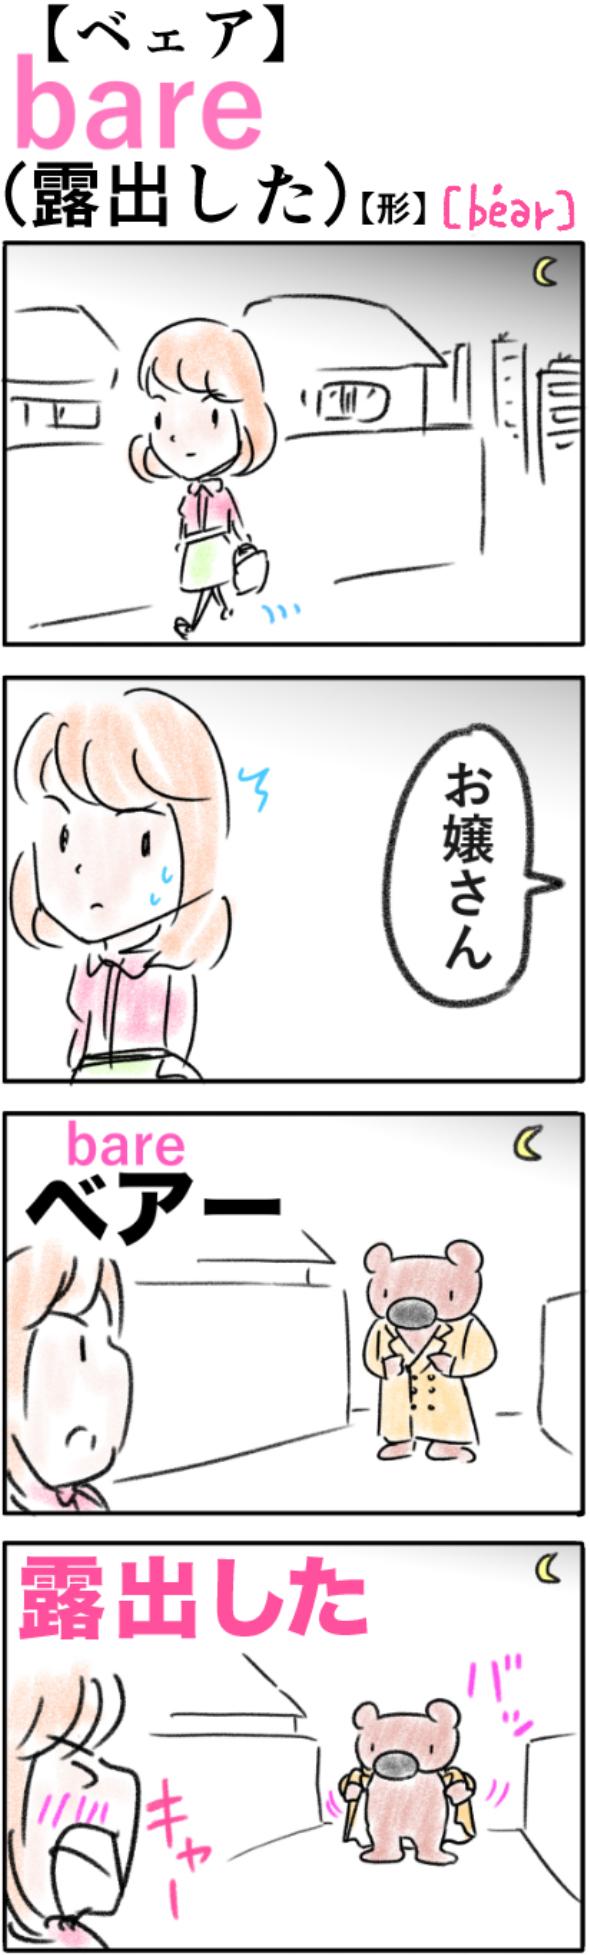 bare(露出した)の語呂合わせ英単語